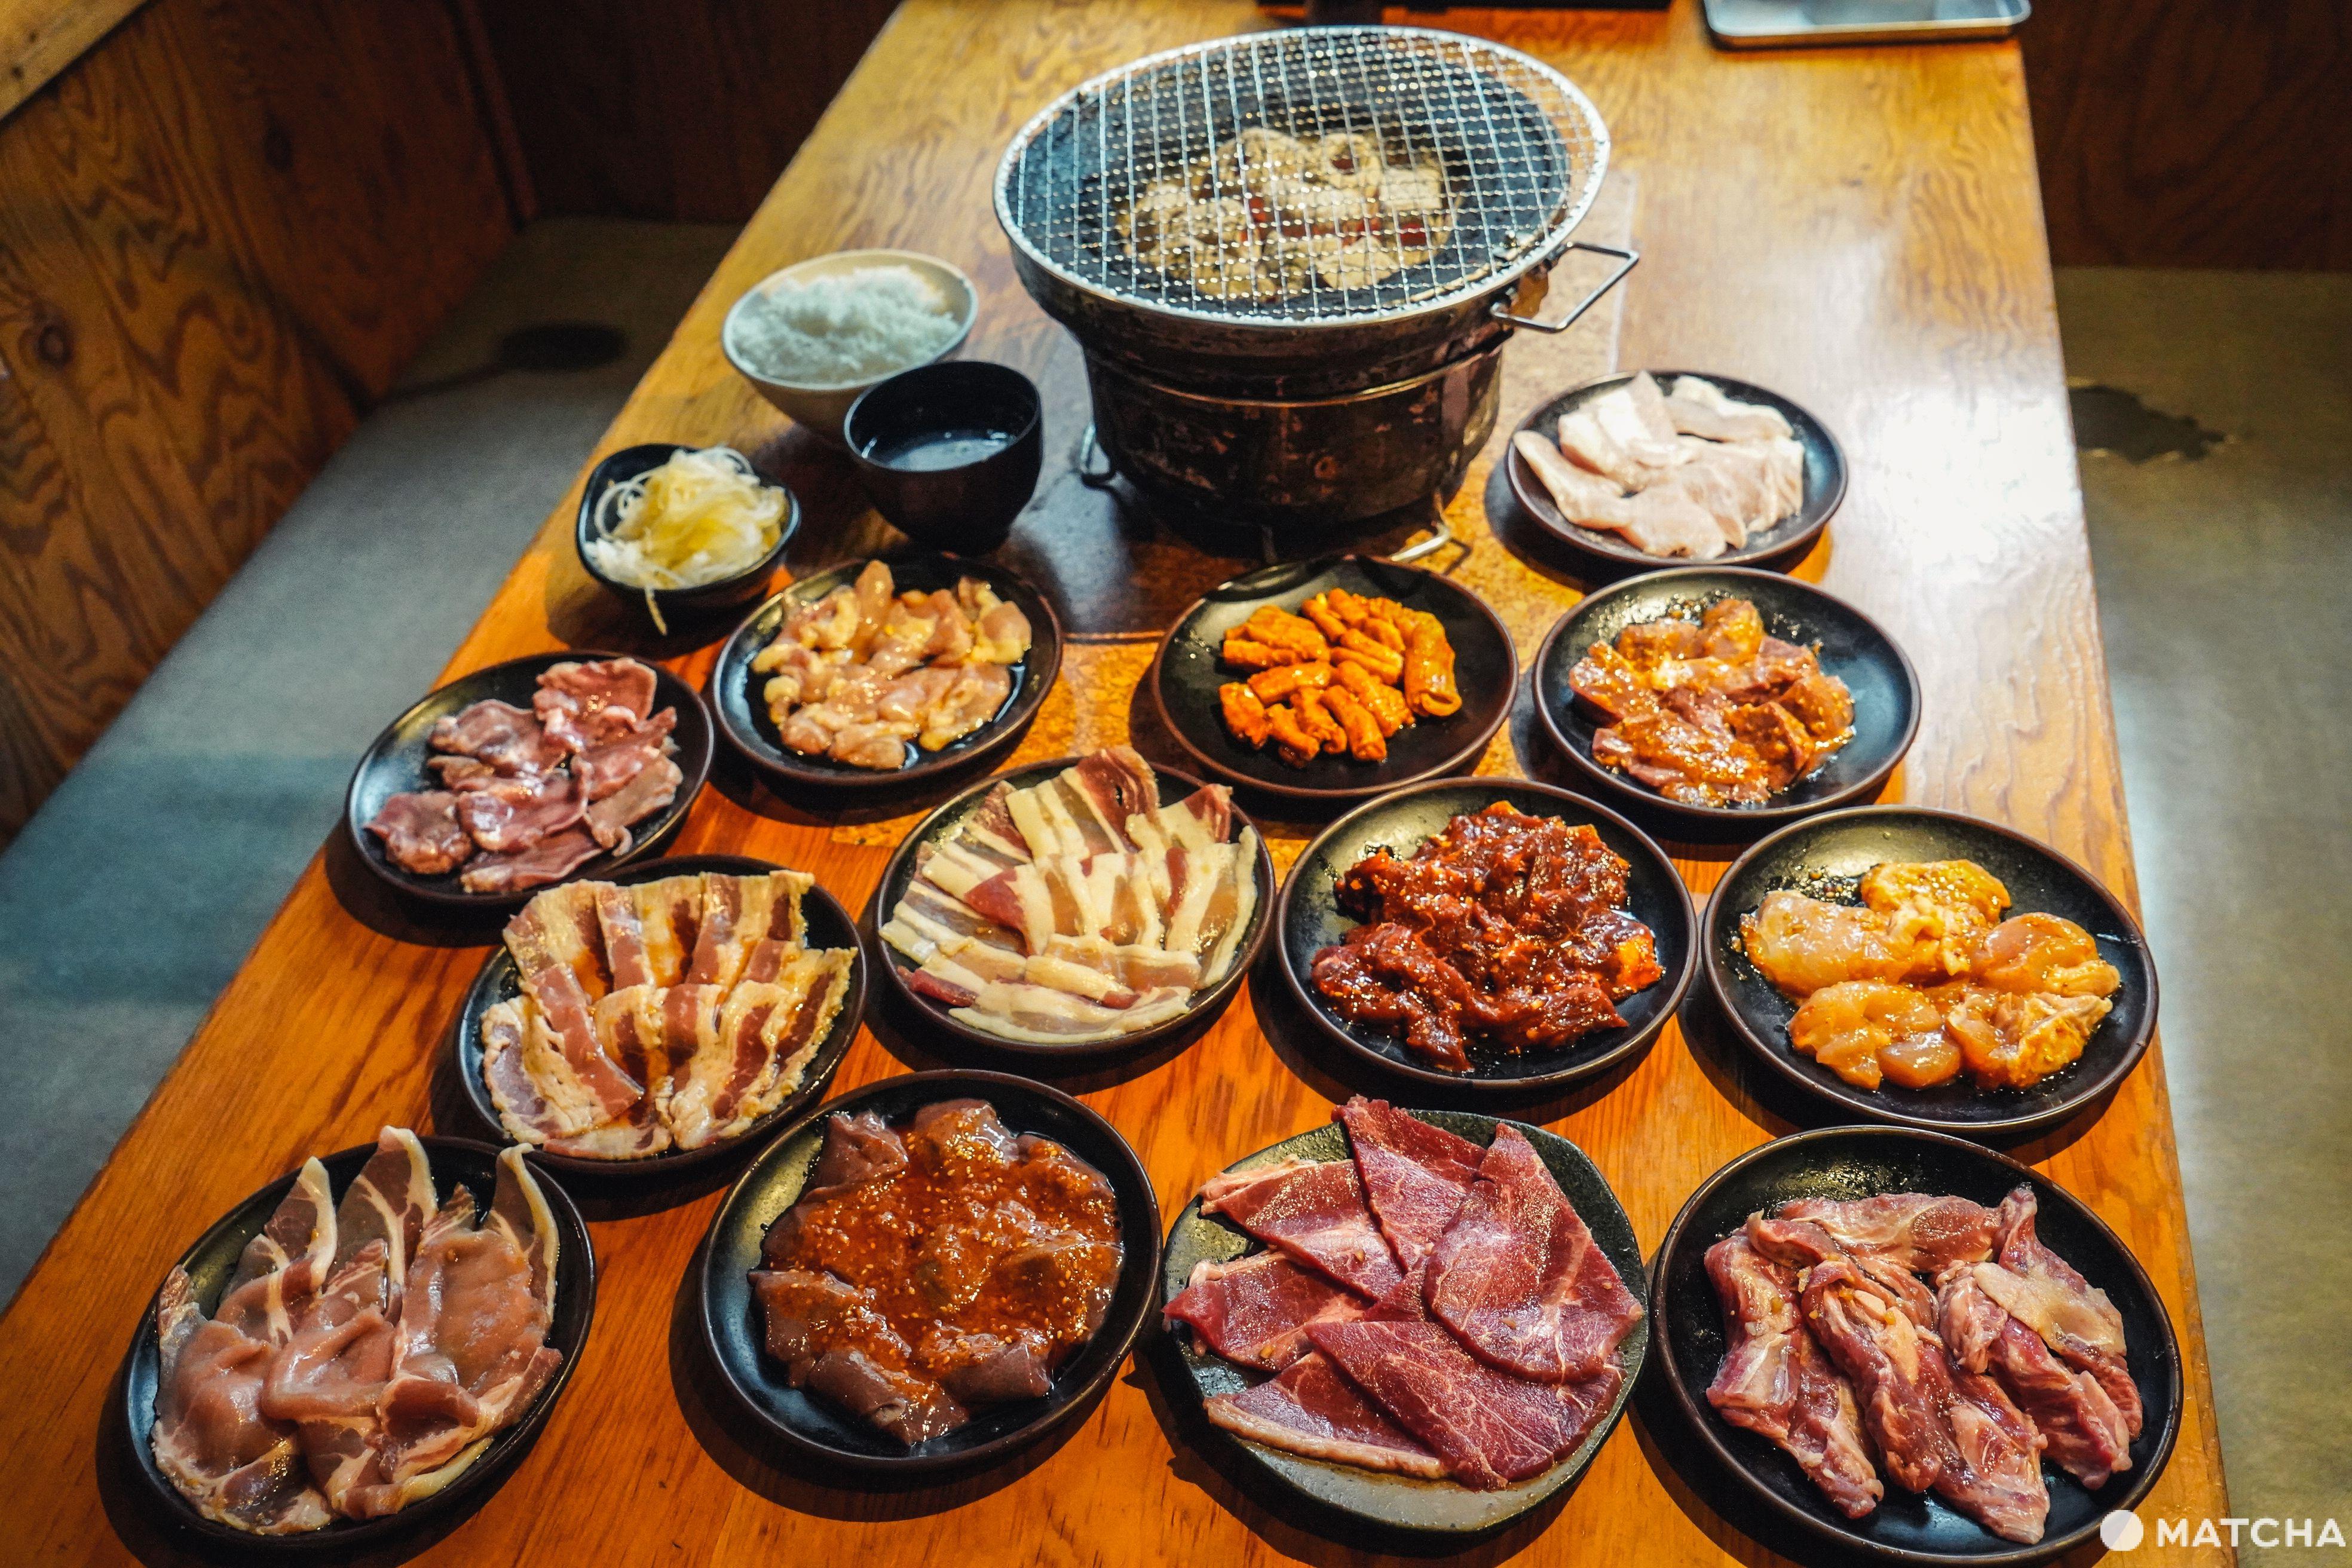 【東京】燒肉吃到飽只要千圓左右!大口吃肉也不傷荷包「豪徳寺ひゃくてん」 • Lifedio